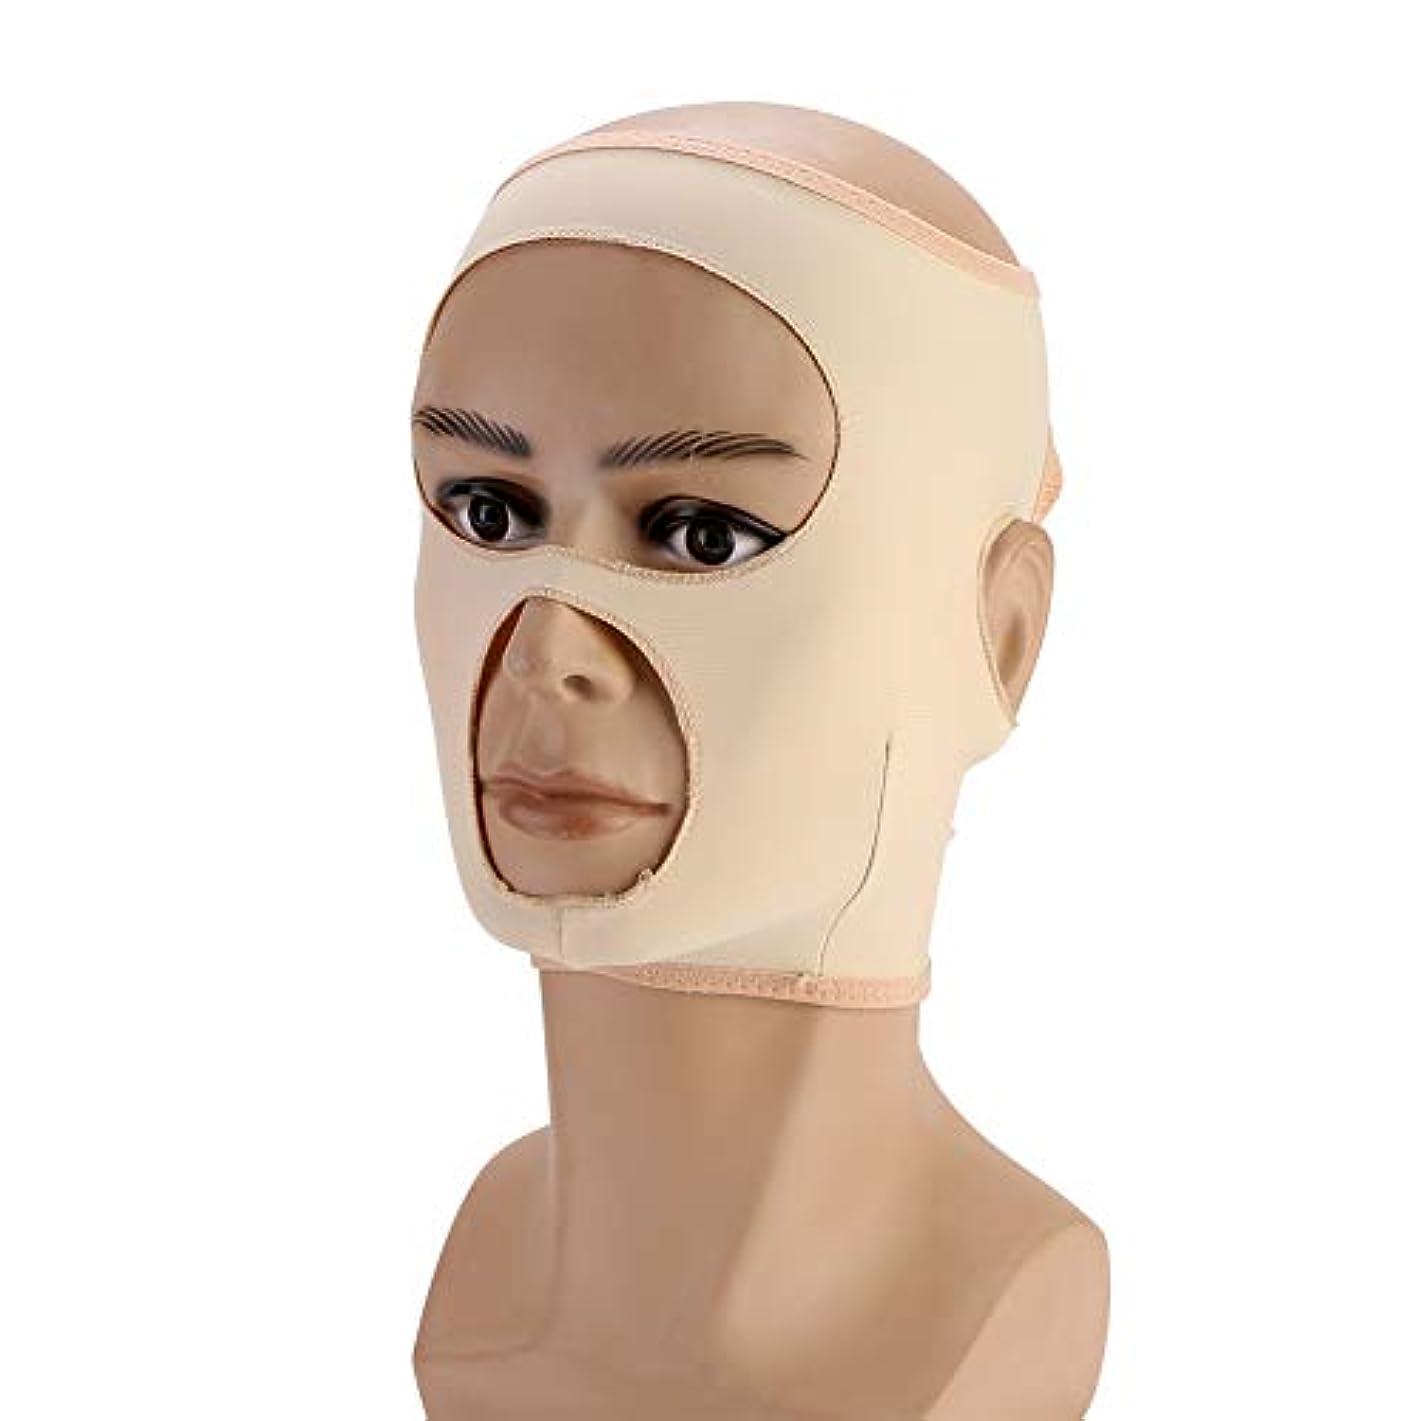 欠伸輝く良心的フェイスケア用フェイシャルスリミングマスクフェイシャルケア用フェイシャルスリミングマスクダブルフェイスリフト(M)